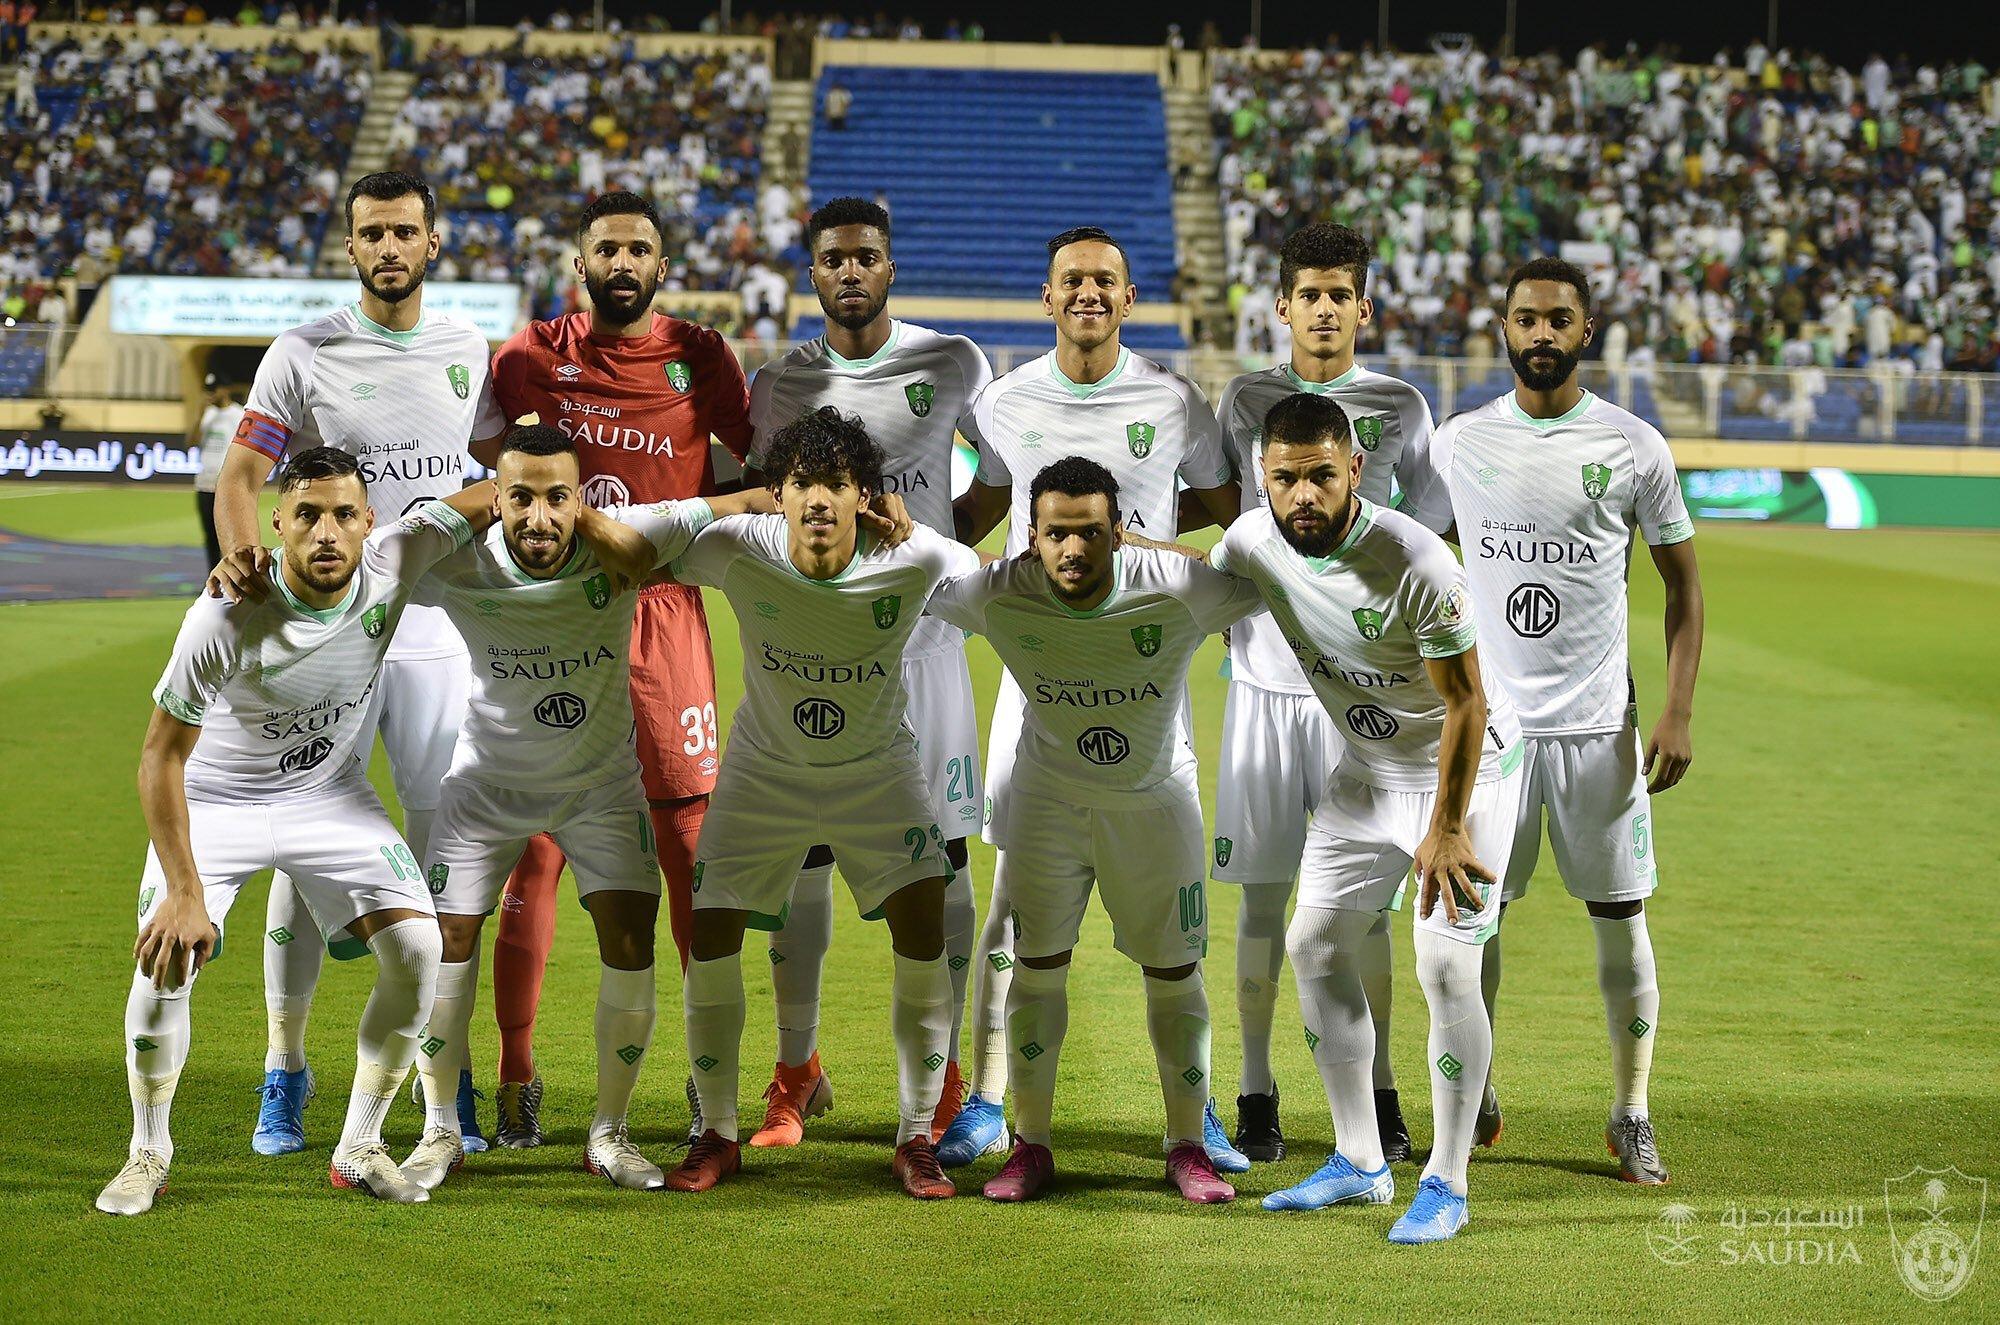 الاهلي السعودي يحقق فوزه الثاني في البطولة على حساب الفتح